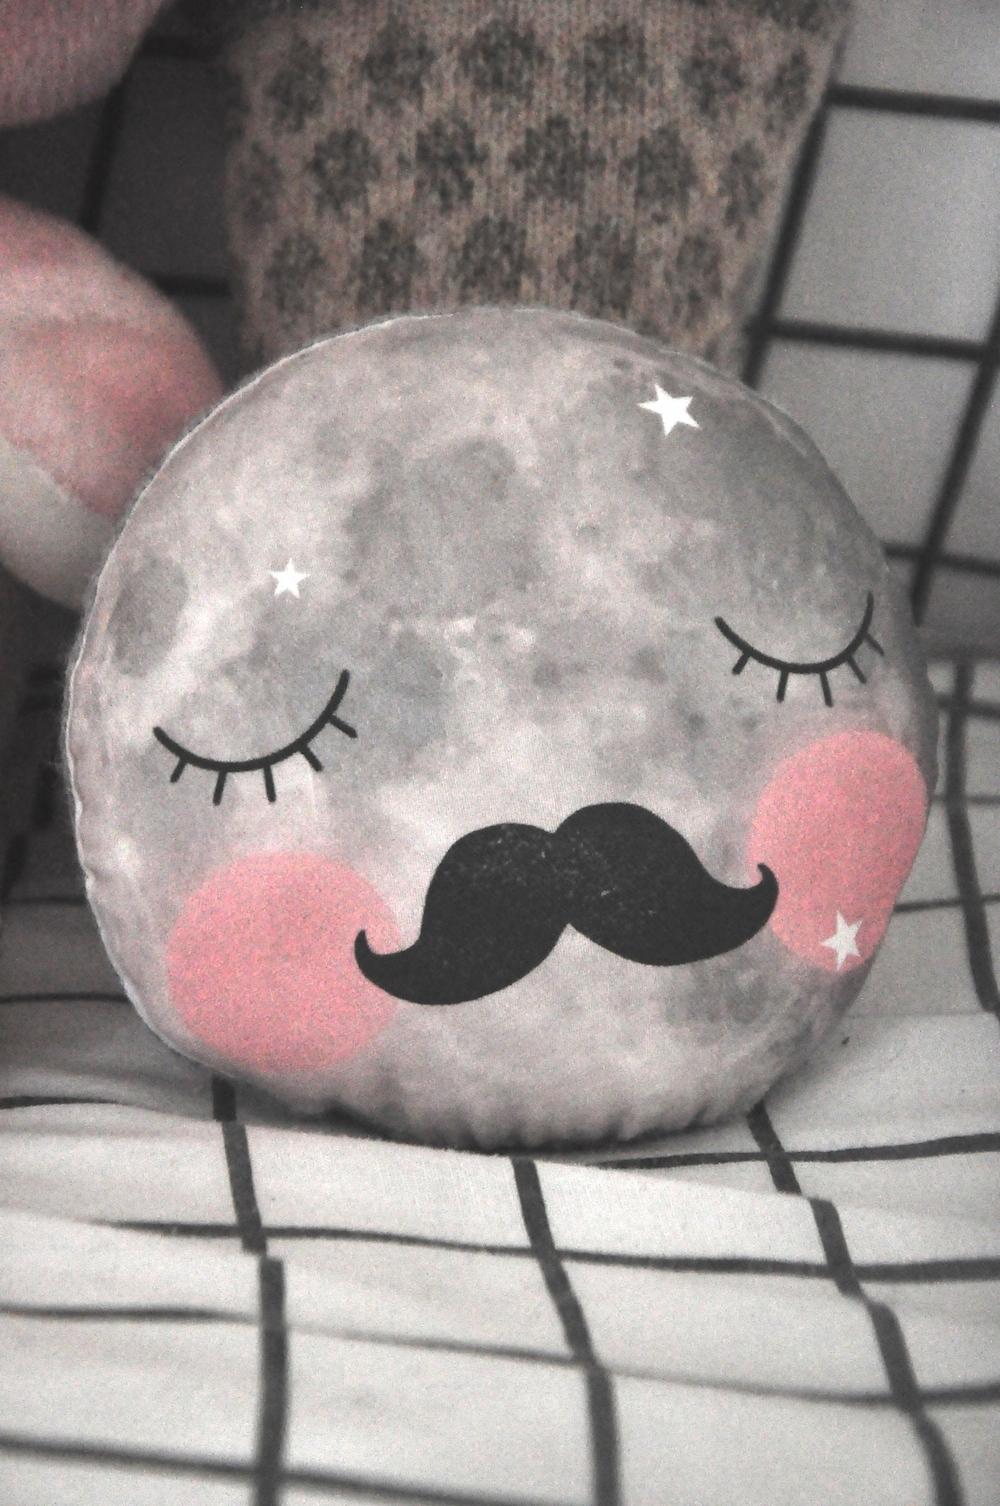 velveteen_babies_moon